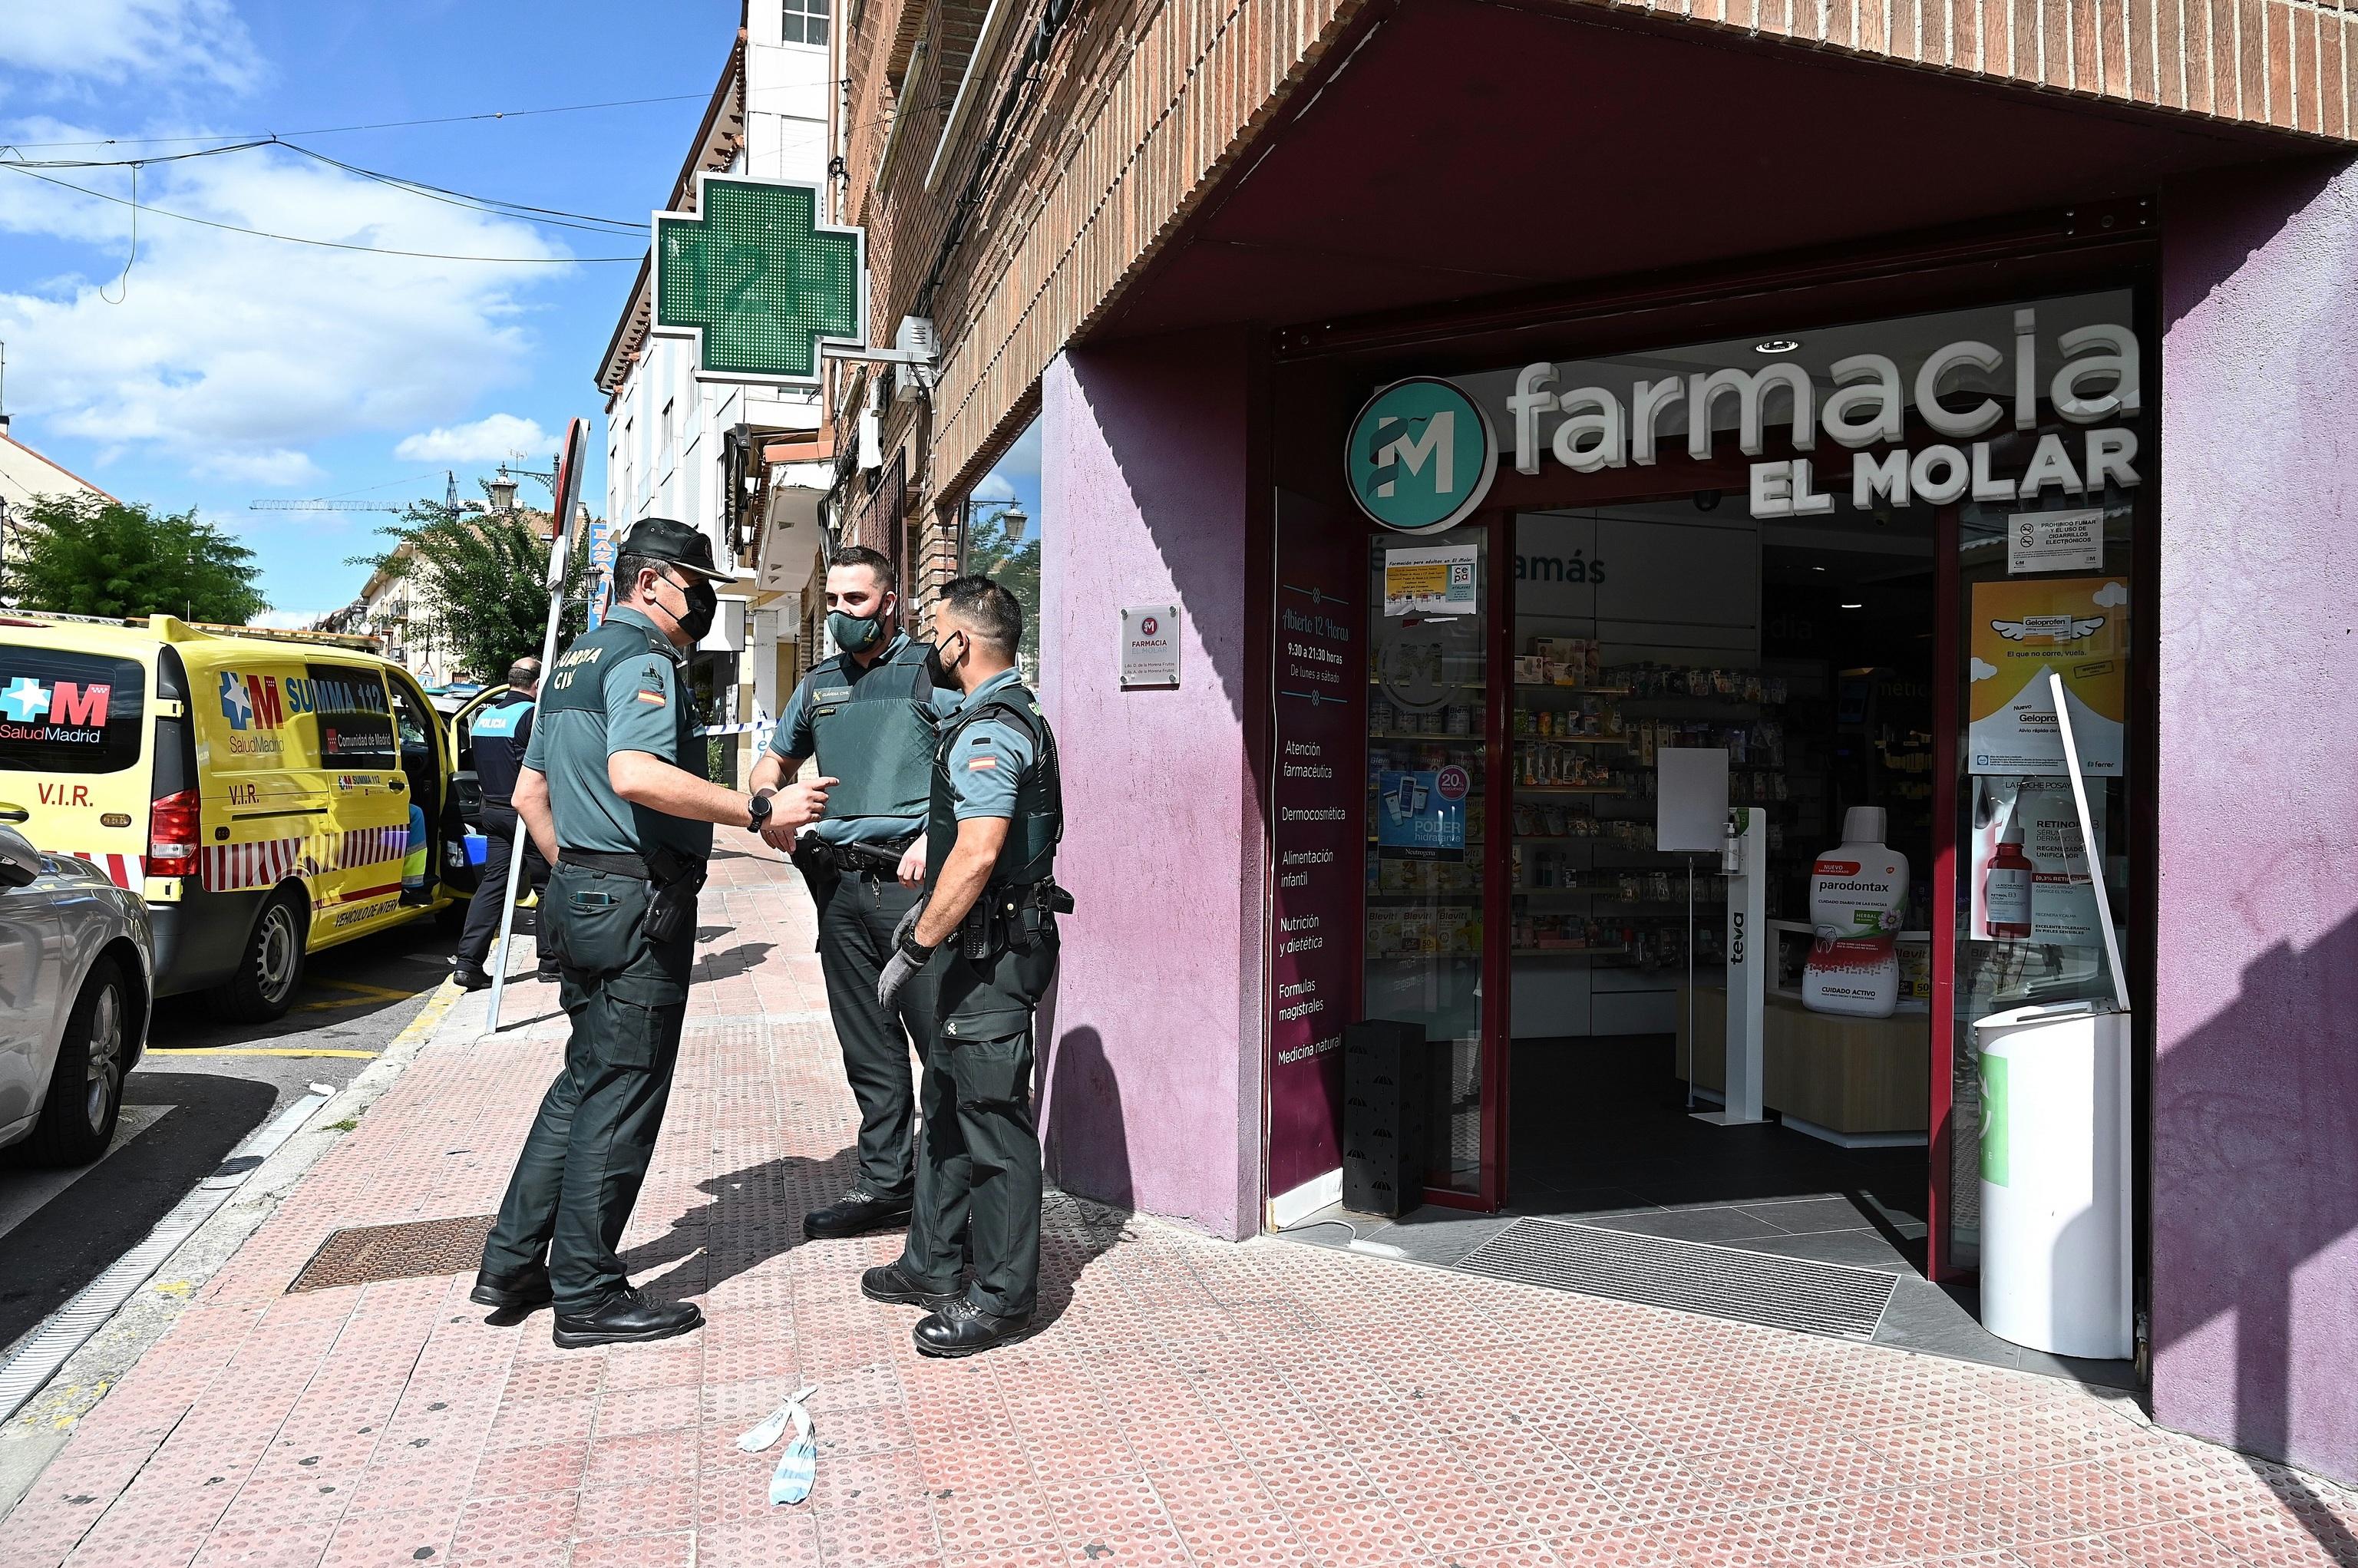 La Guardia Civil ha detenido este lunes en El Molar (Madrid) a Noelia de Mingo por agredir con un arma blanca a dos mujeres en esta localidad.